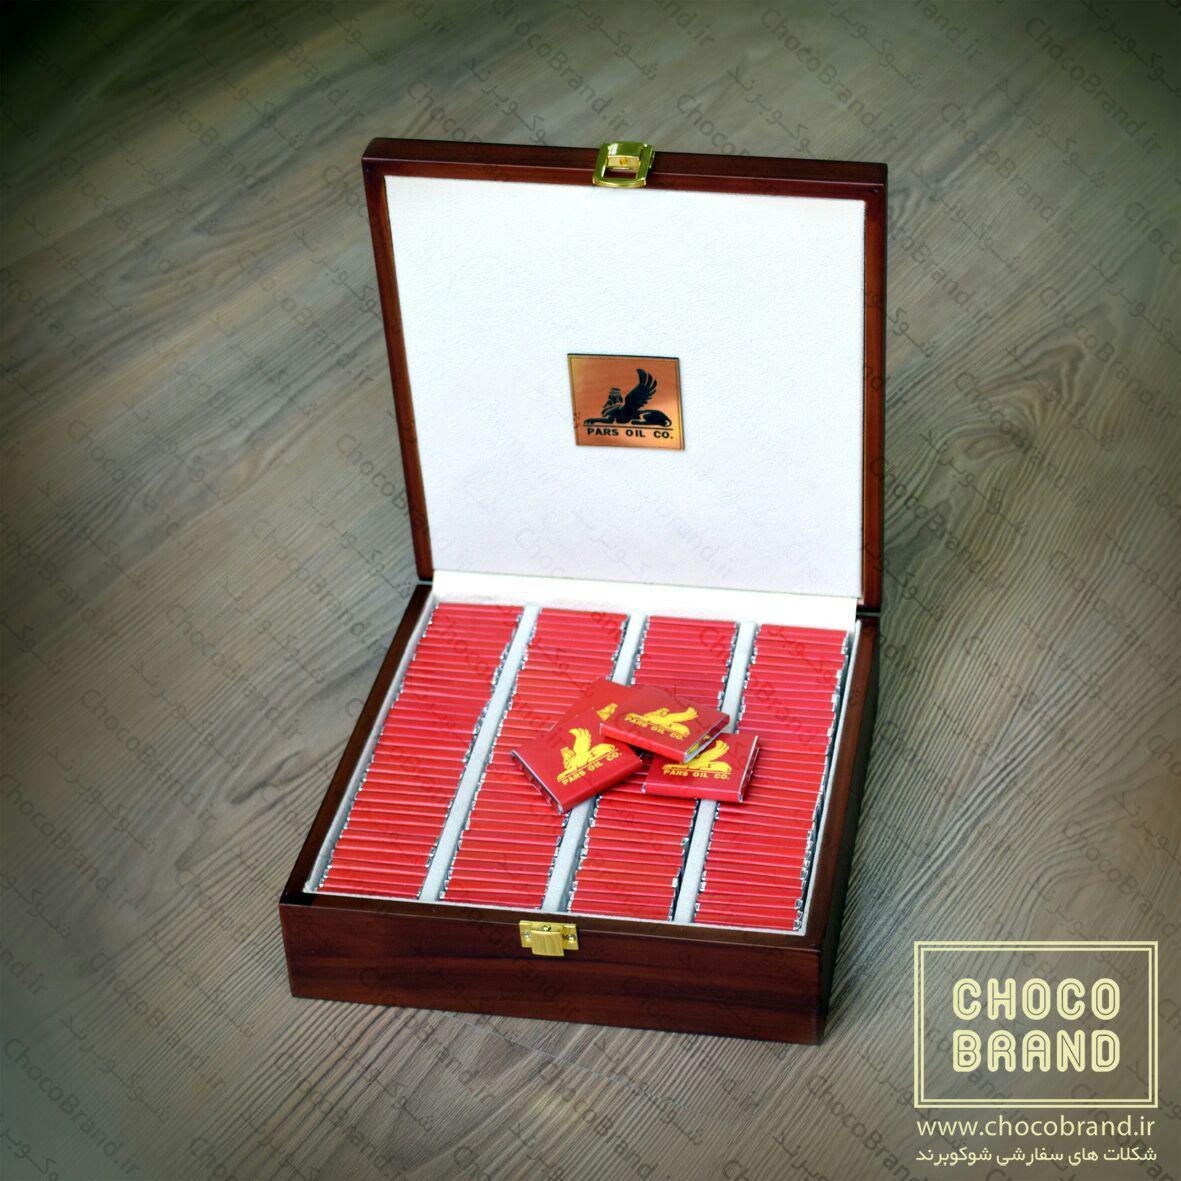 شکلات تبلیغاتی برای عید نوروز